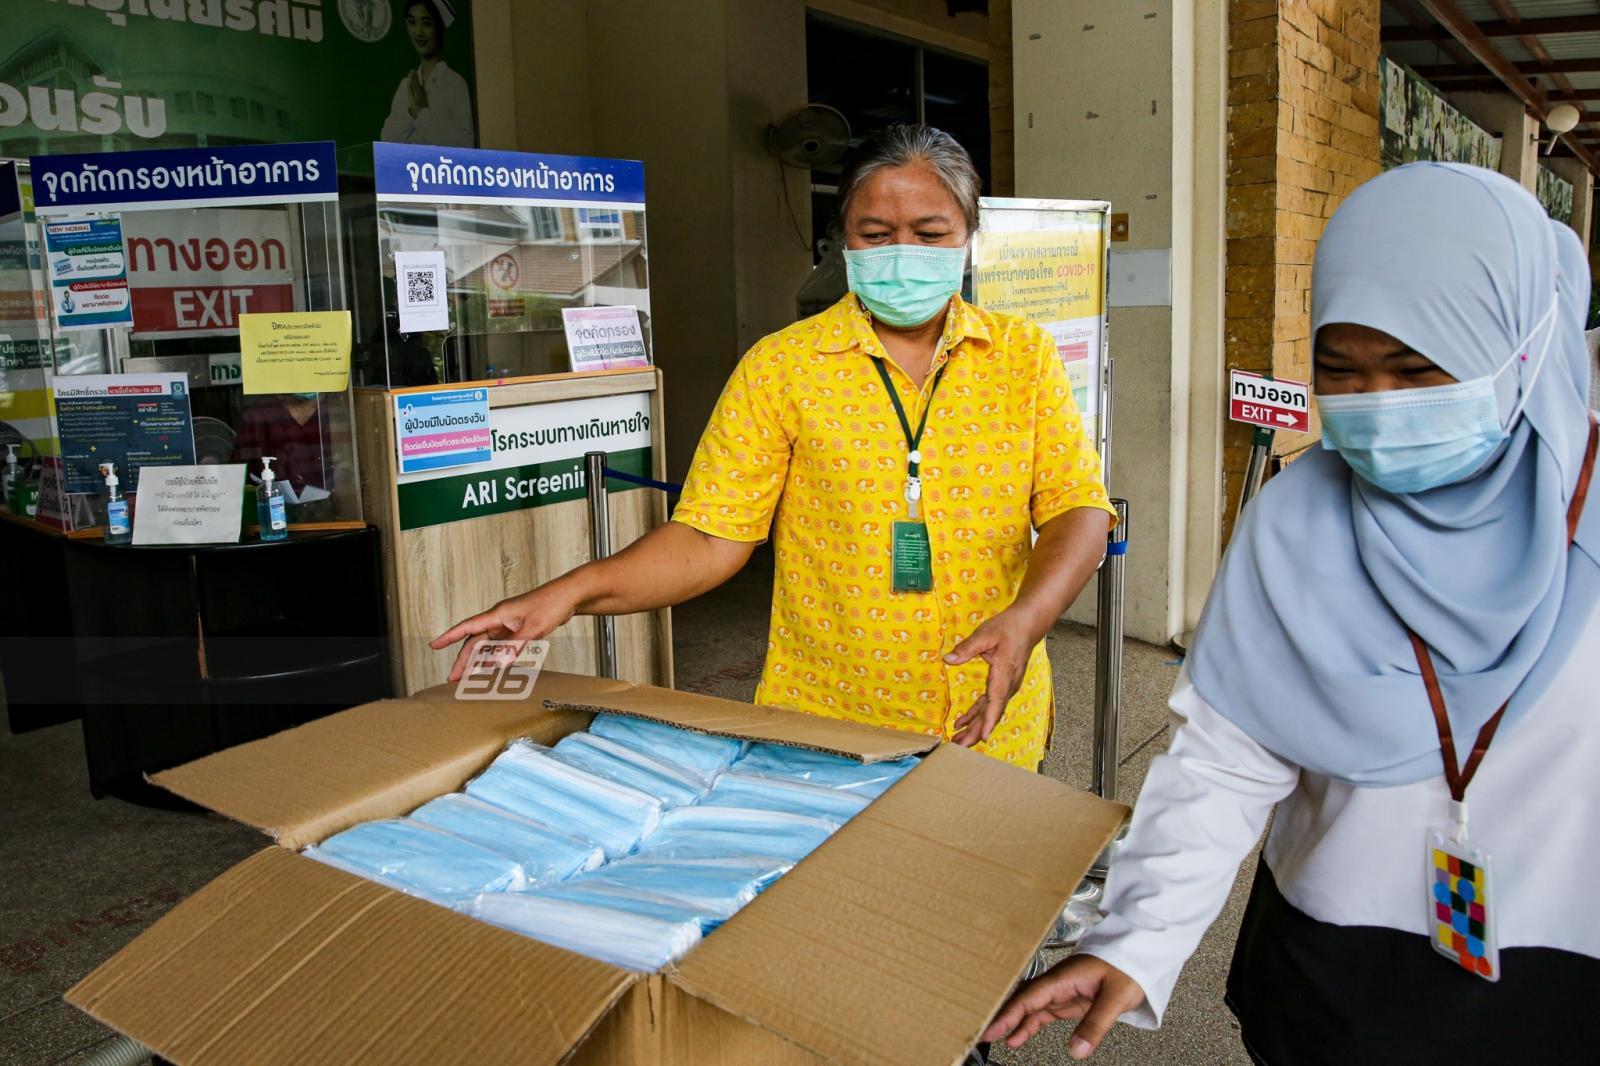 ปชช.ระดมบริจาค รพ.เวชการุณรัศมิ์ ซื้อเครื่องมือช่วยผู้ป่วยโควิด ผอ.เผยแพทย์ทำงานหนักเกินกำลัง